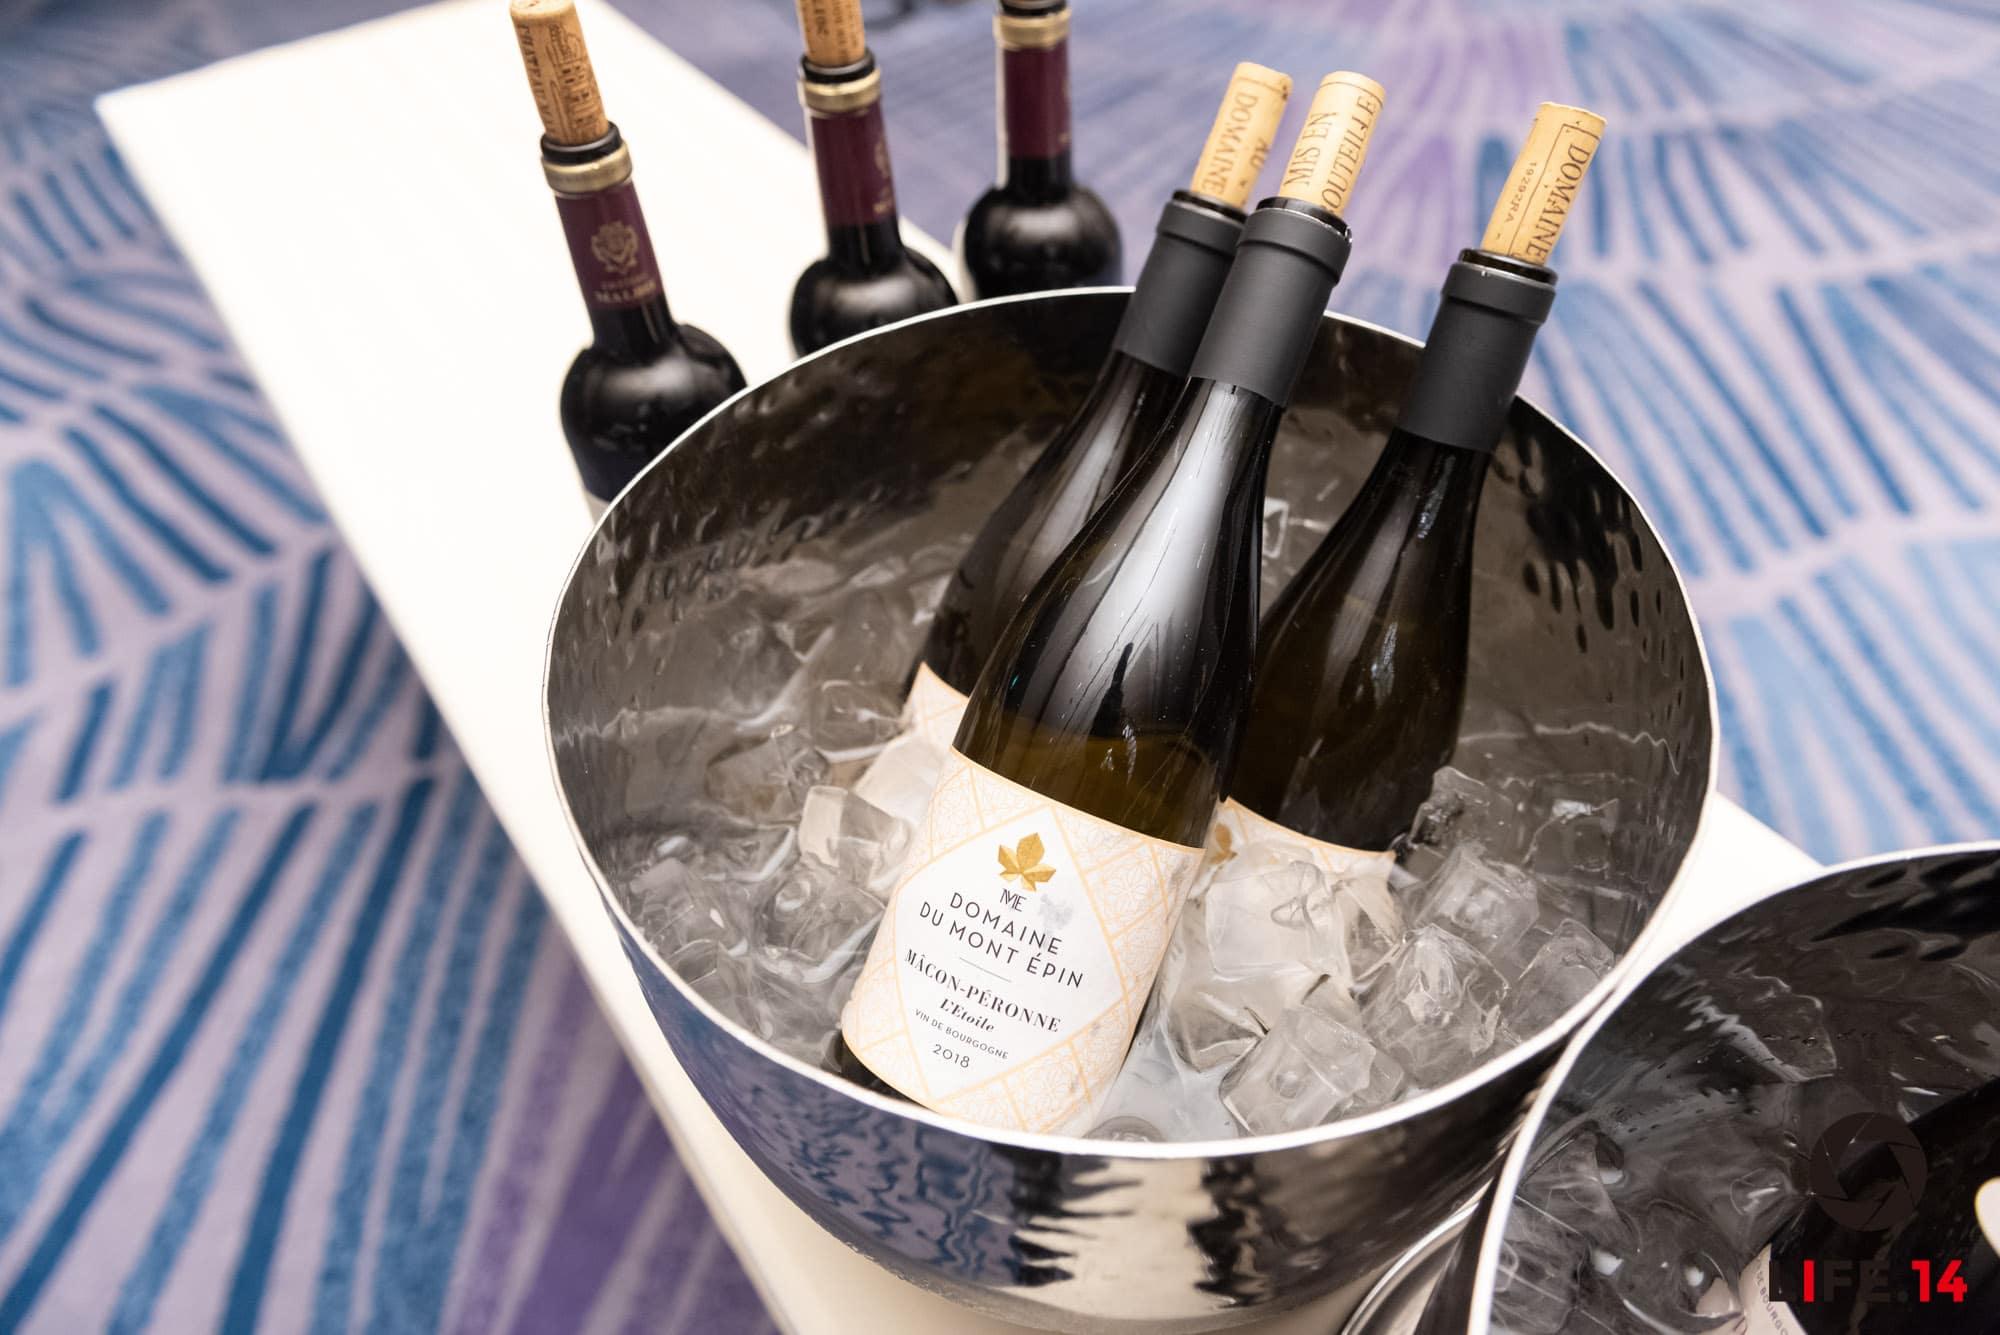 Deux vins des Signatures Martin servis au prestigieux gala du Kansai